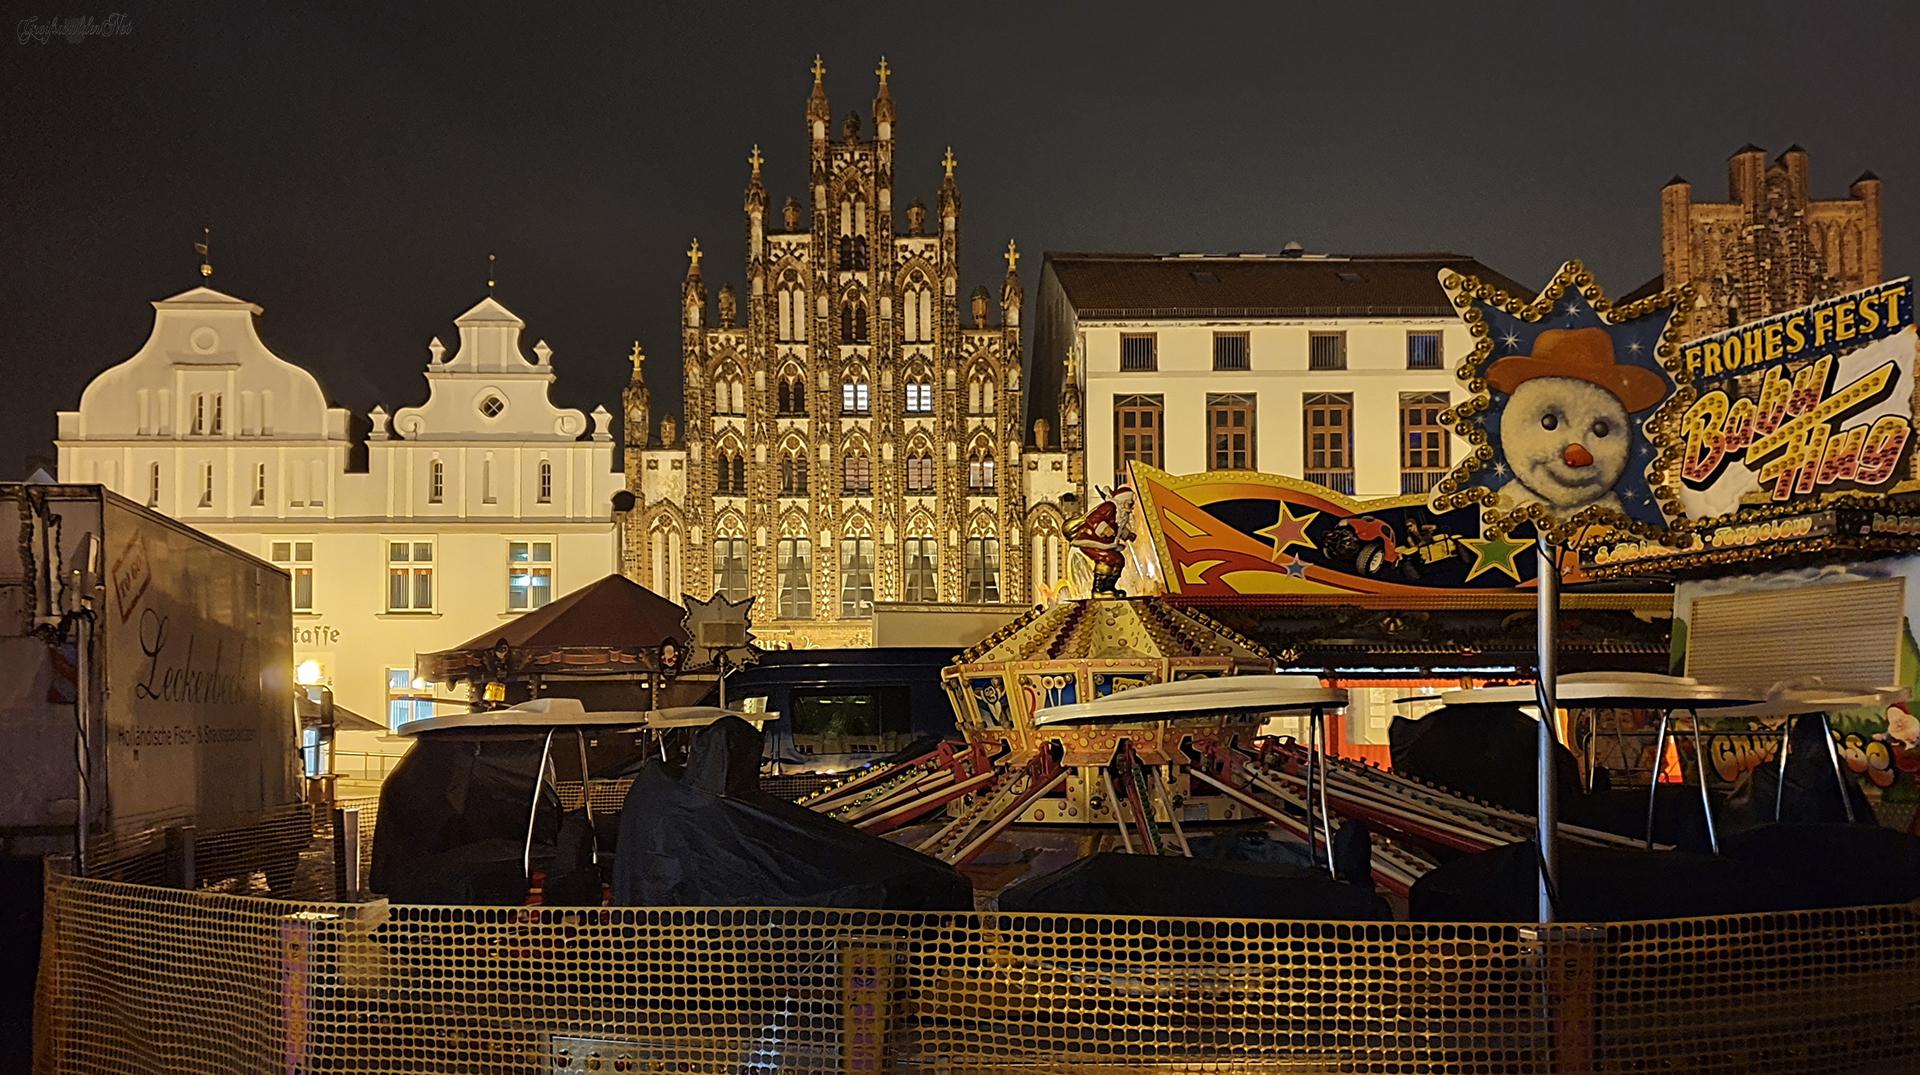 Abend auf dem Weihnachtsmarkt in Greifswald